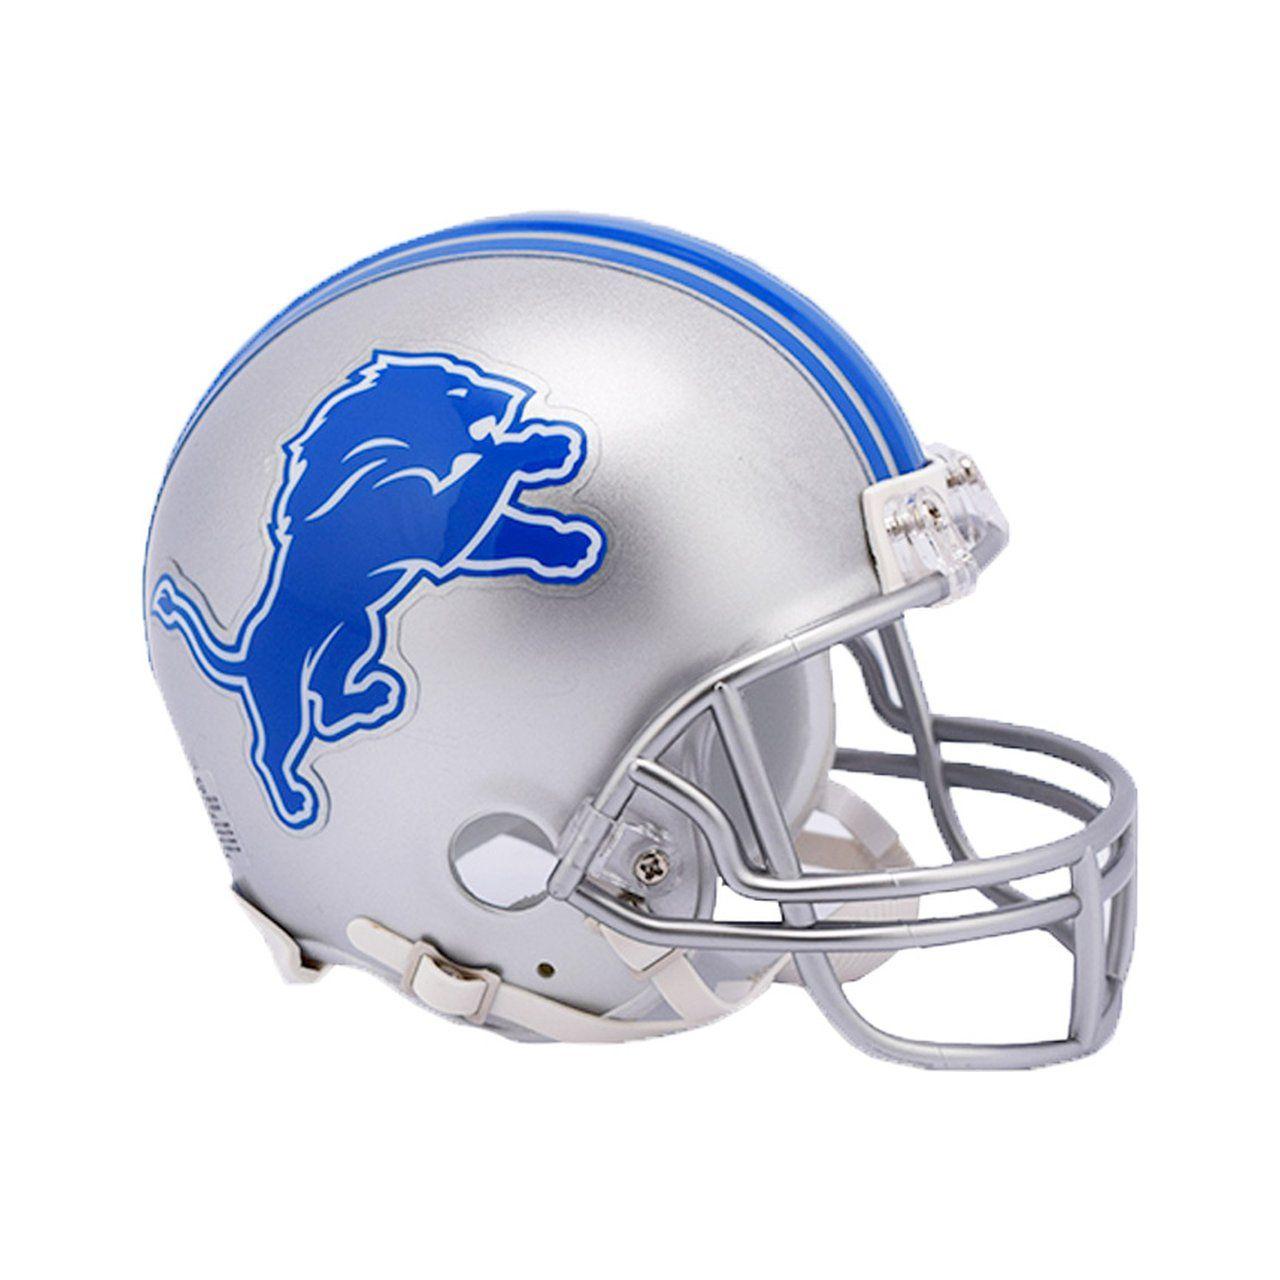 amfoo - Riddell VSR4 Mini Football Helm - NFL Detroit Lions